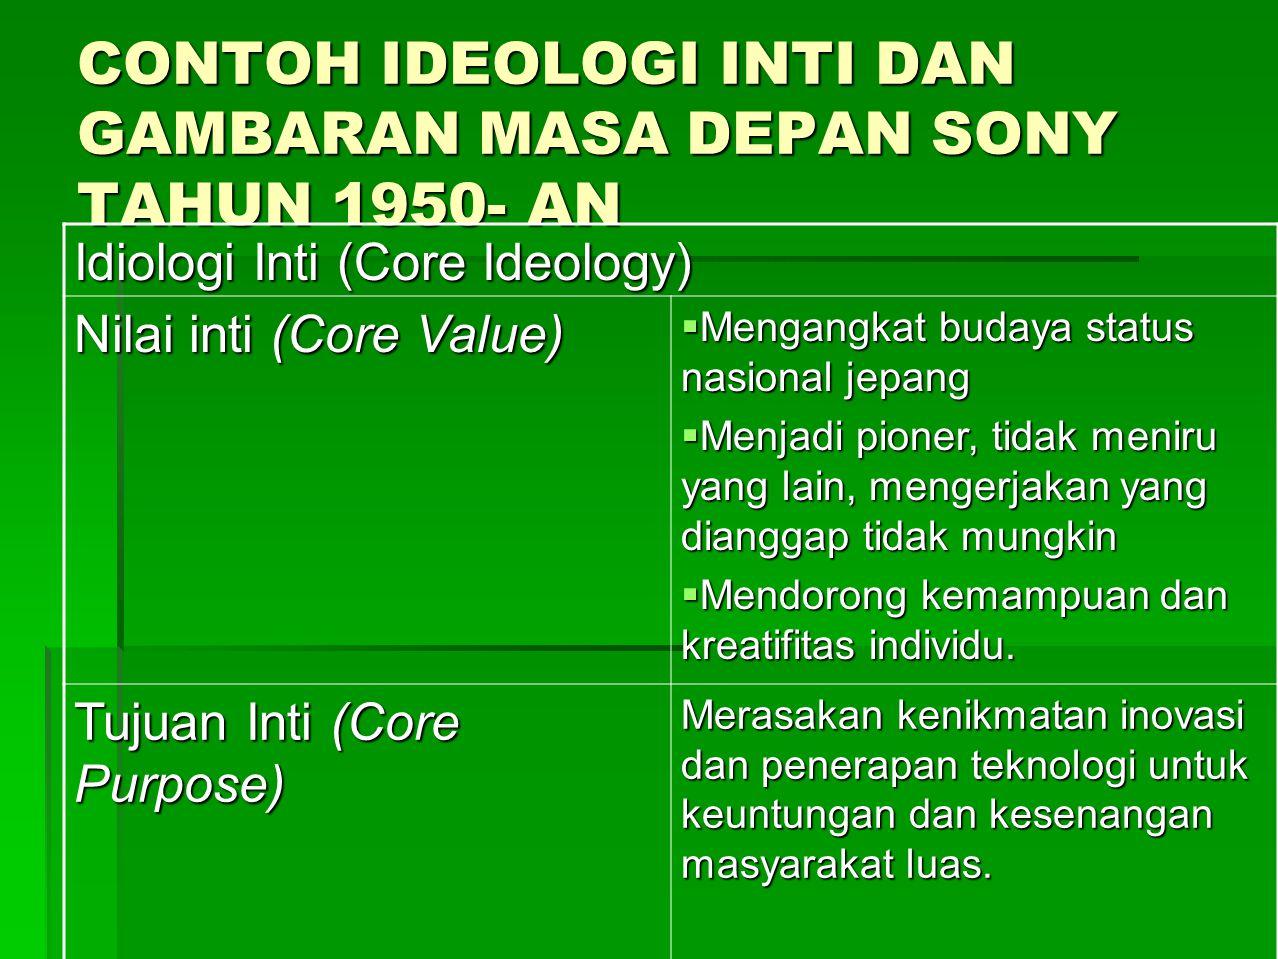 CONTOH IDEOLOGI INTI DAN GAMBARAN MASA DEPAN SONY TAHUN 1950- AN